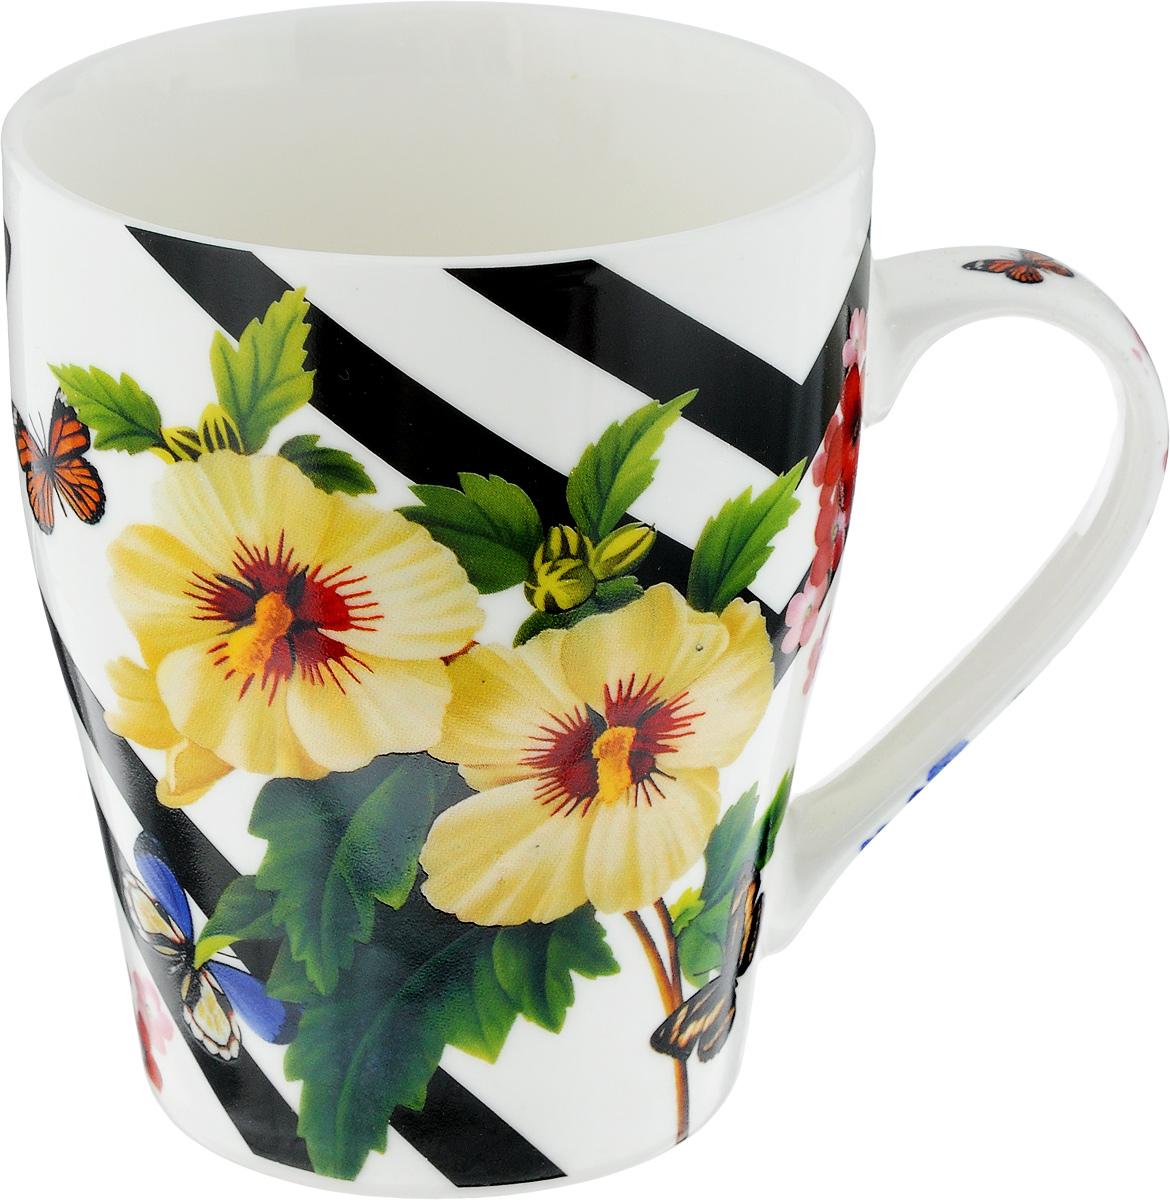 Кружка Loraine Цветы, 340 мл. 2445024450Кружка Loraine Цветы изготовлена из прочного качественного костяного фарфора. Изделие оформлено красочным рисунком. Благодаря своим термостатическим свойствам, изделие отлично сохраняет температуру содержимого - морозной зимой кружка будет согревать вас горячим чаем, а знойным летом, напротив, радовать прохладными напитками. Такой аксессуар создаст атмосферу тепла и уюта, настроит на позитивный лад и подарит хорошее настроение с самого утра. Это оригинальное изделие идеально подойдет в подарок близкому человеку. Диаметр (по верхнему краю): 8,3 см.Высота кружки: 10 см. Объем: 340 мл.